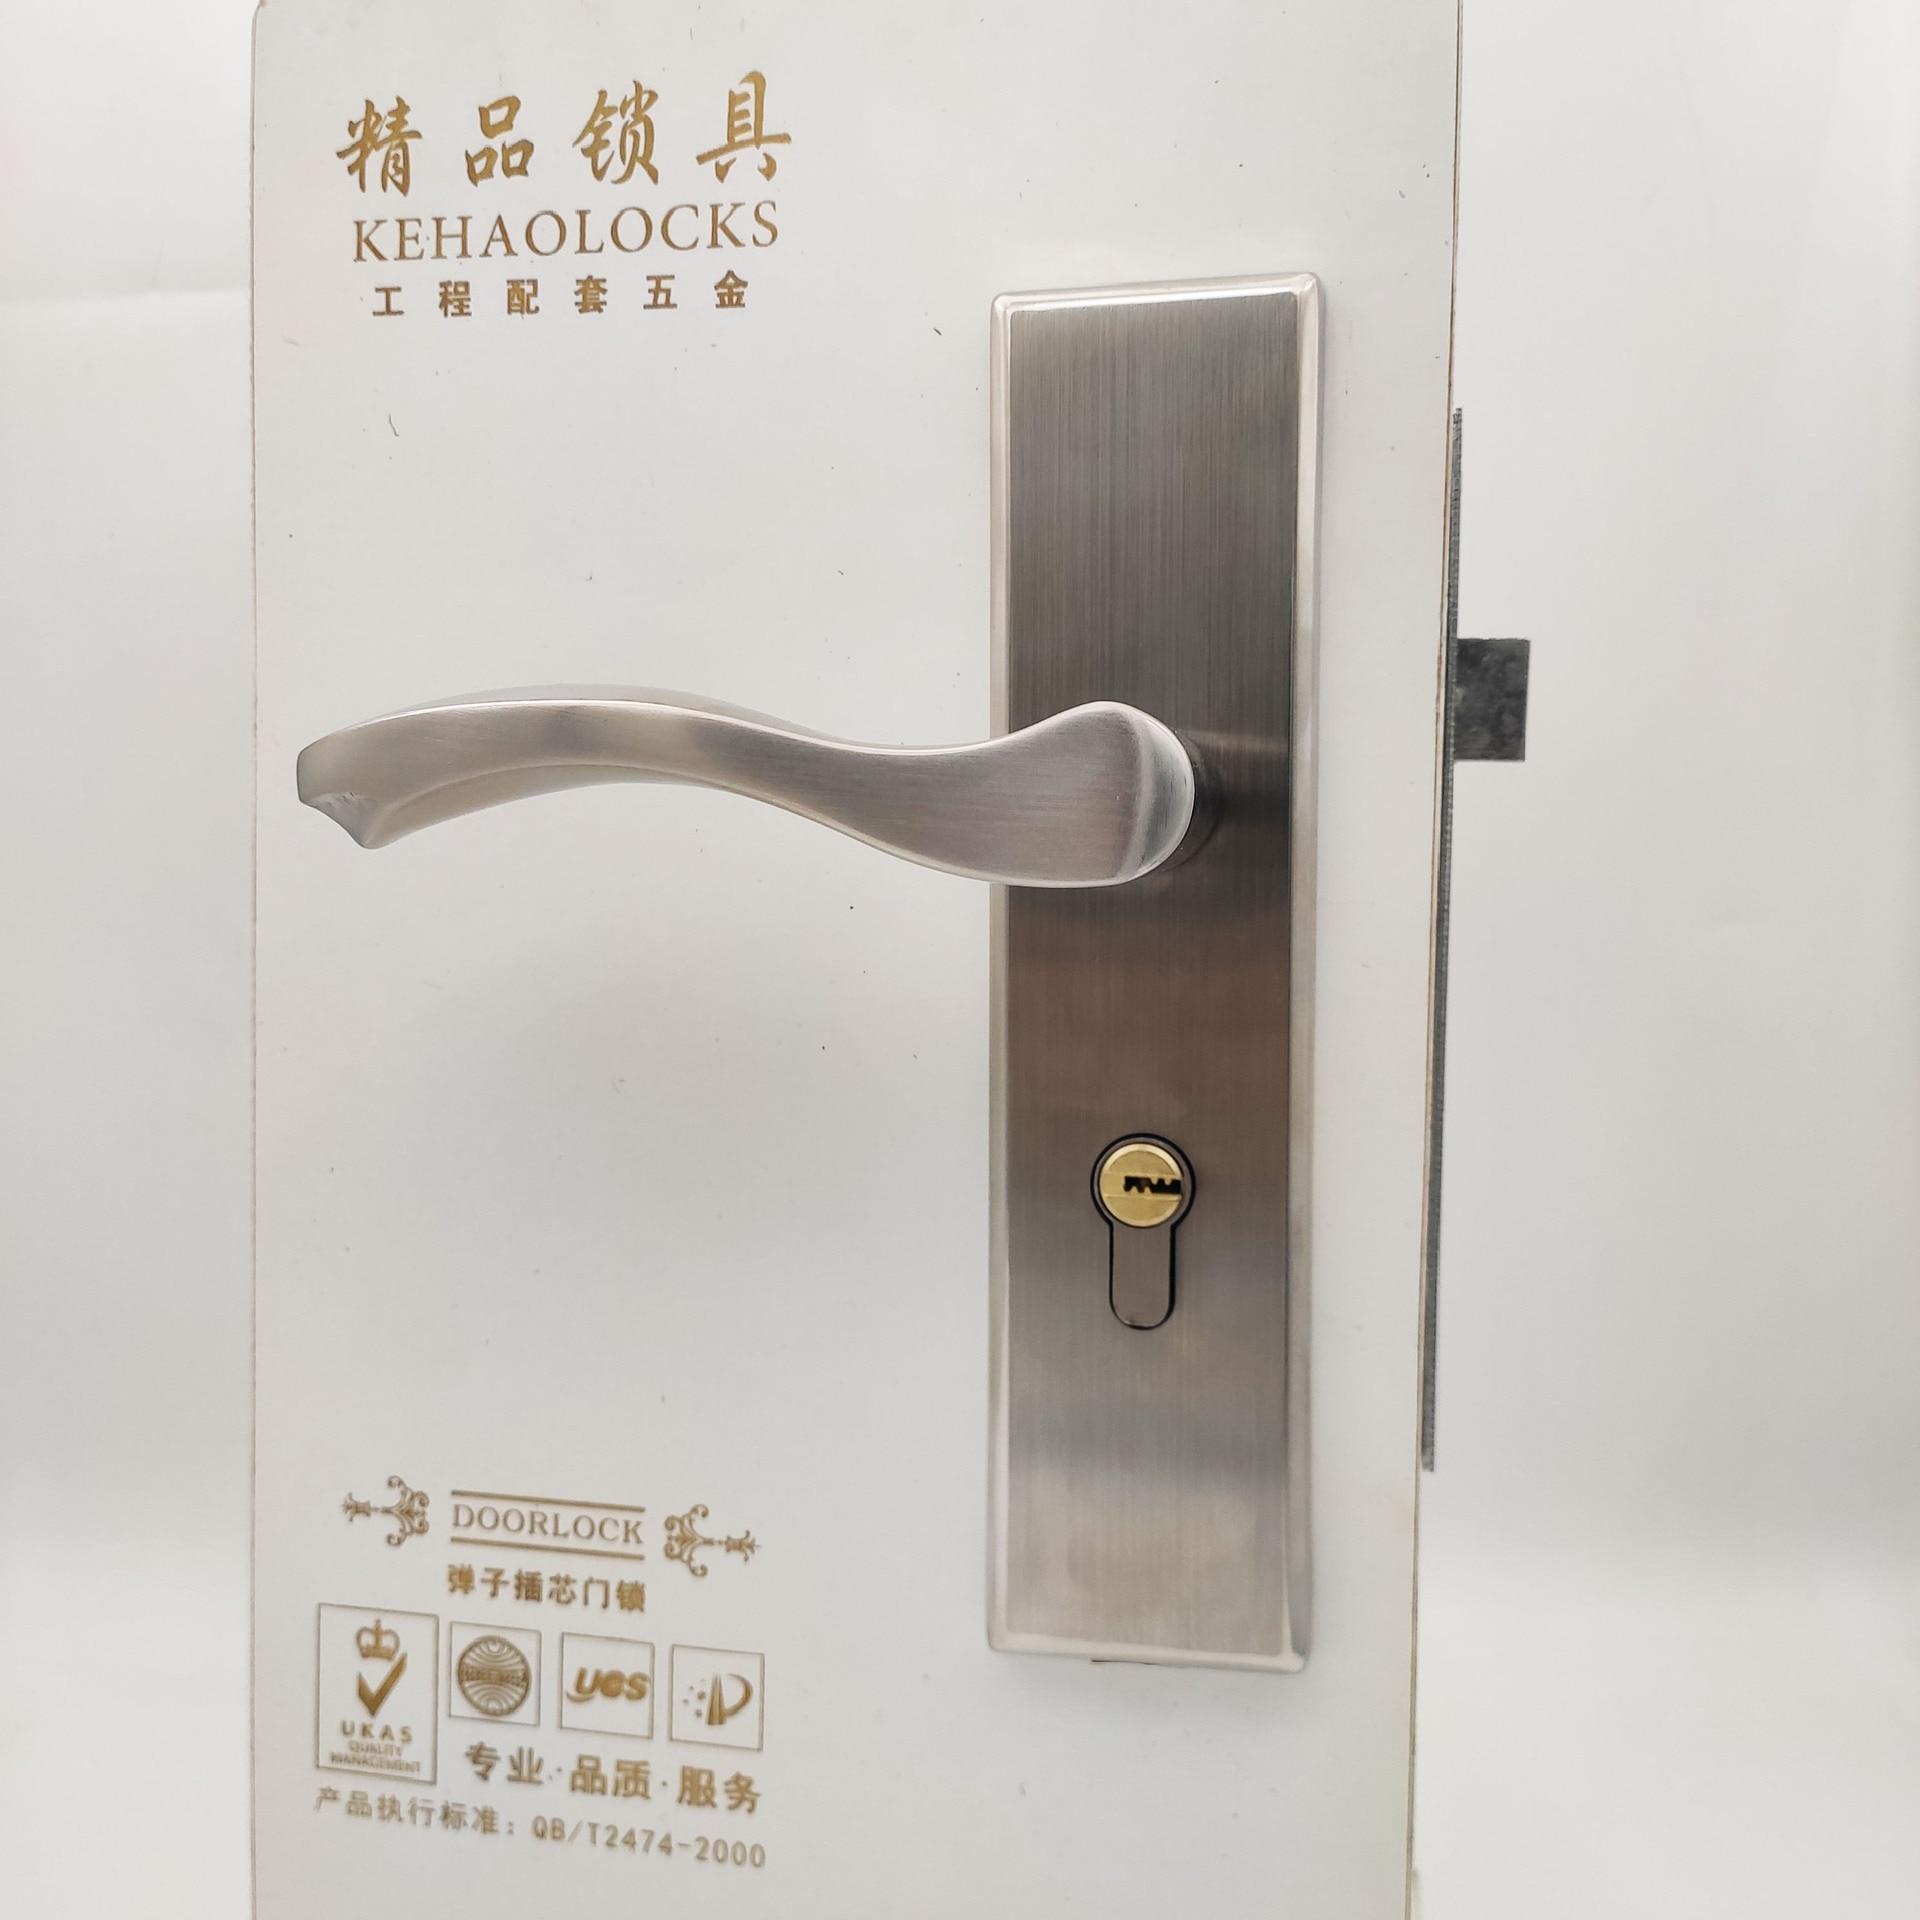 غرفة نوم مقبض الباب قفل مقبض الباب الخشبي قفل قابل للتعديل حفرة تباعد مقبض من الفولاذ المقاوم للصدأ قفل